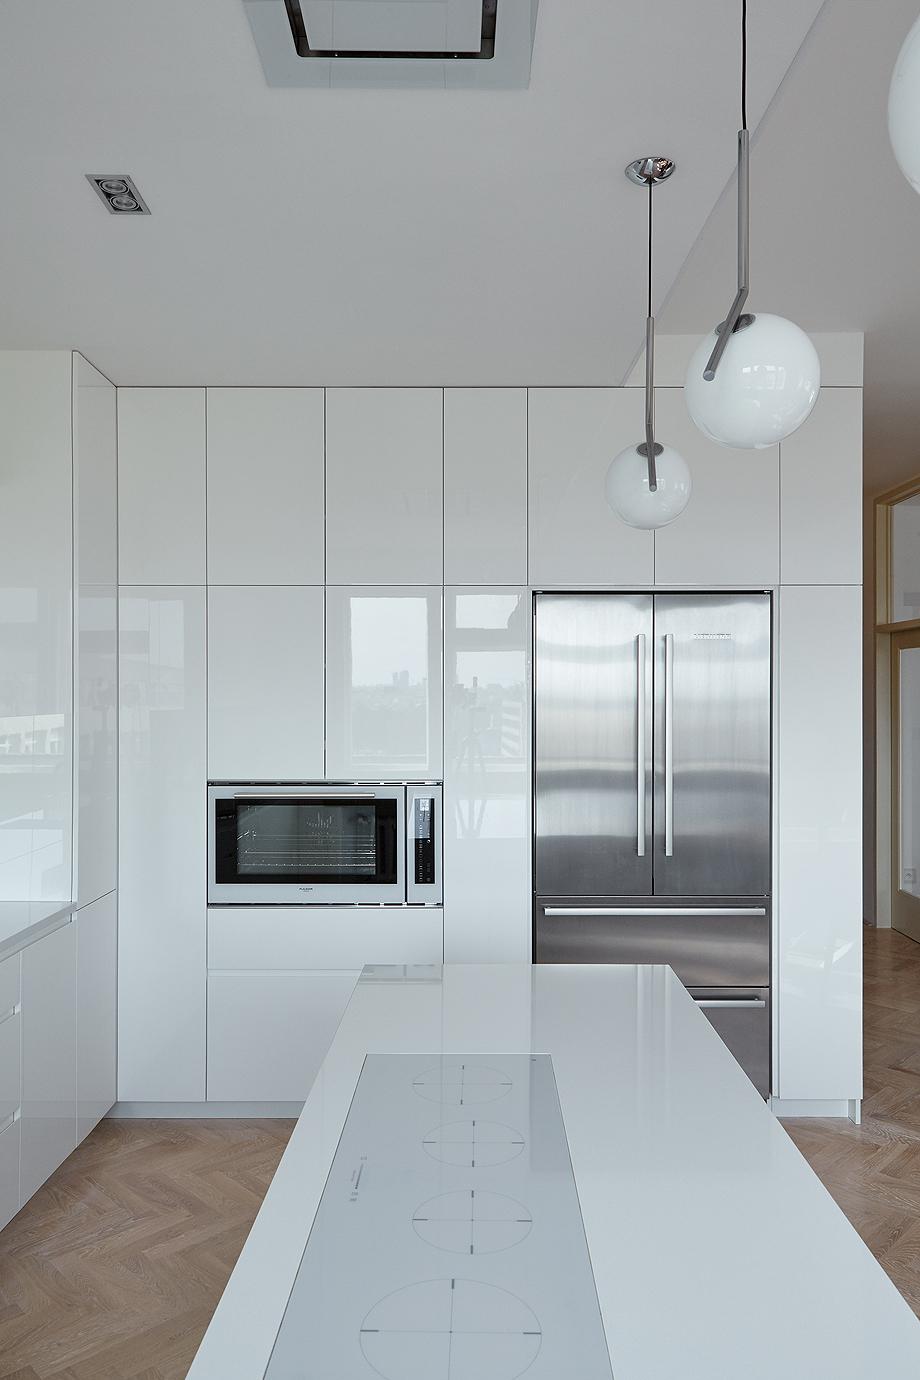 apartamento hamrova letna apartment objectum (2)